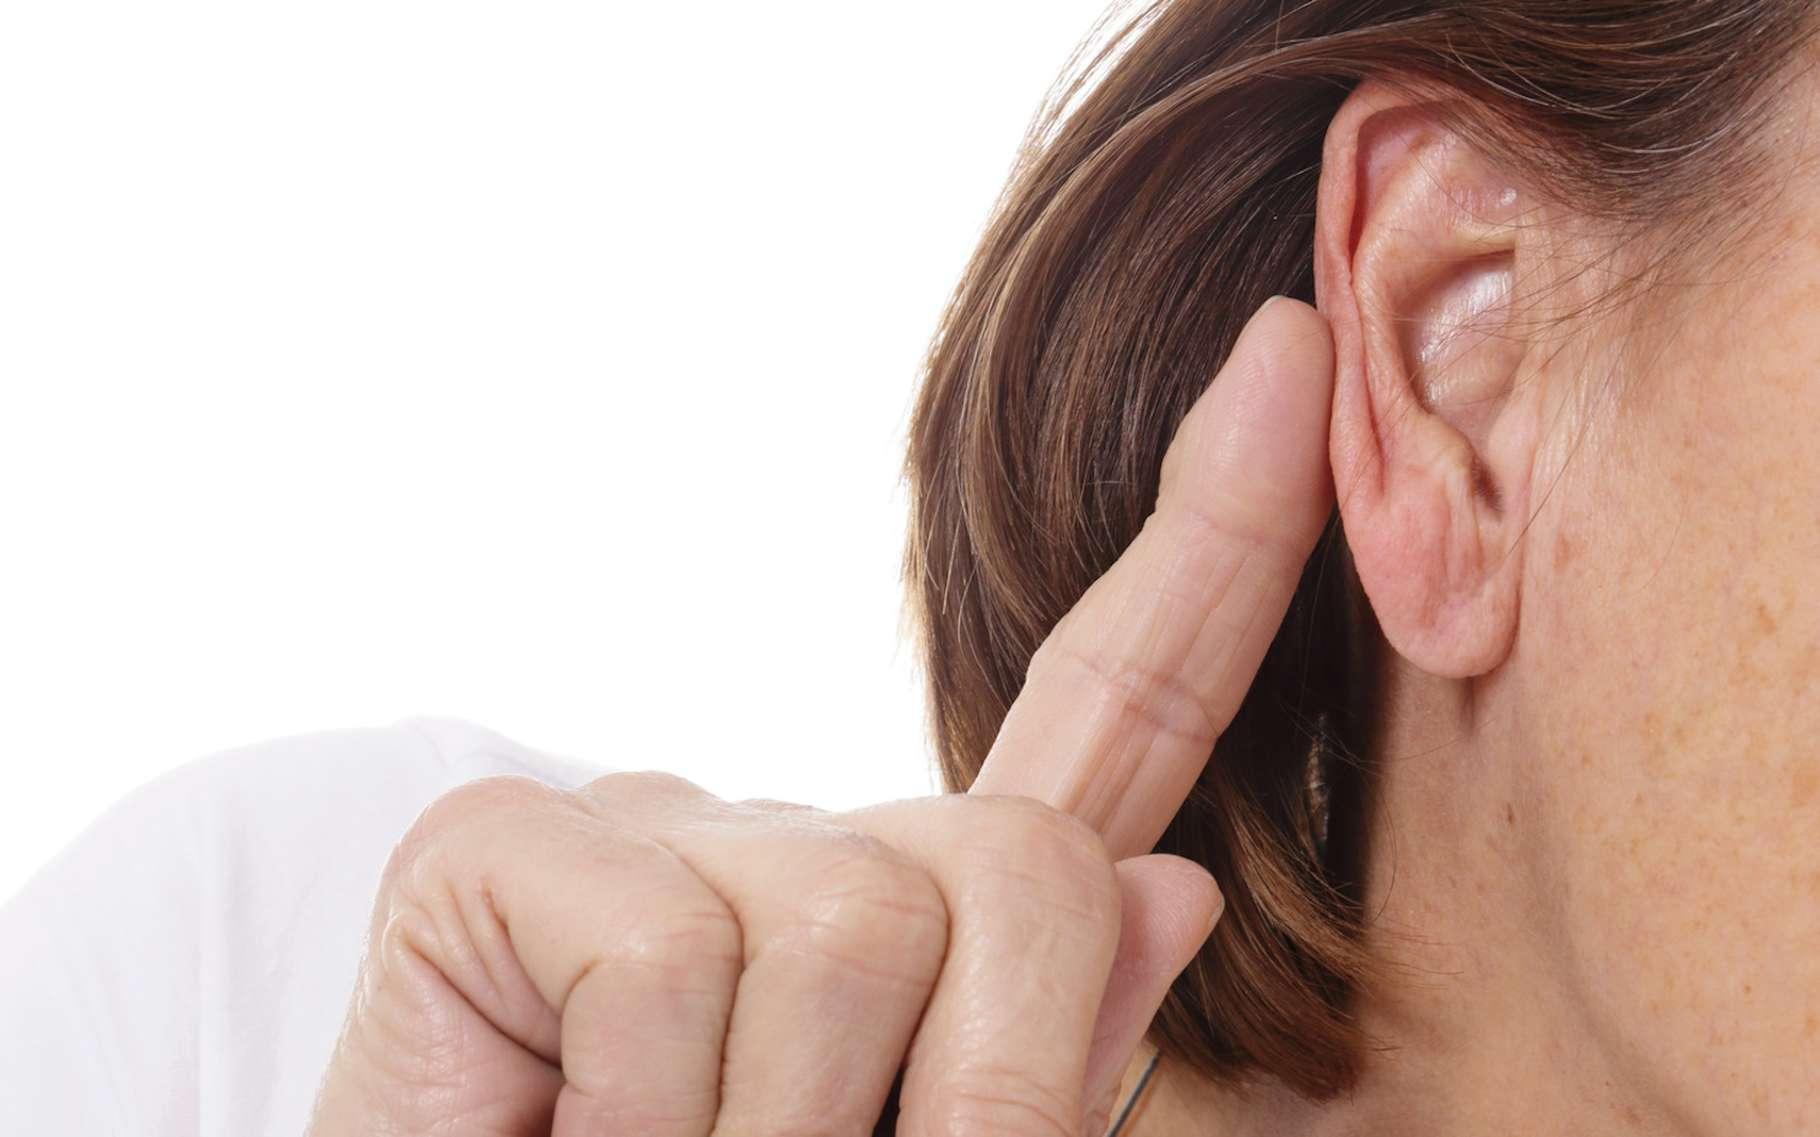 Laurel ou Yanny. Plus que d'une illusion auditive, les scientifiques parlent ici d'une figure ambiguë. © mariesacha, Fotolia